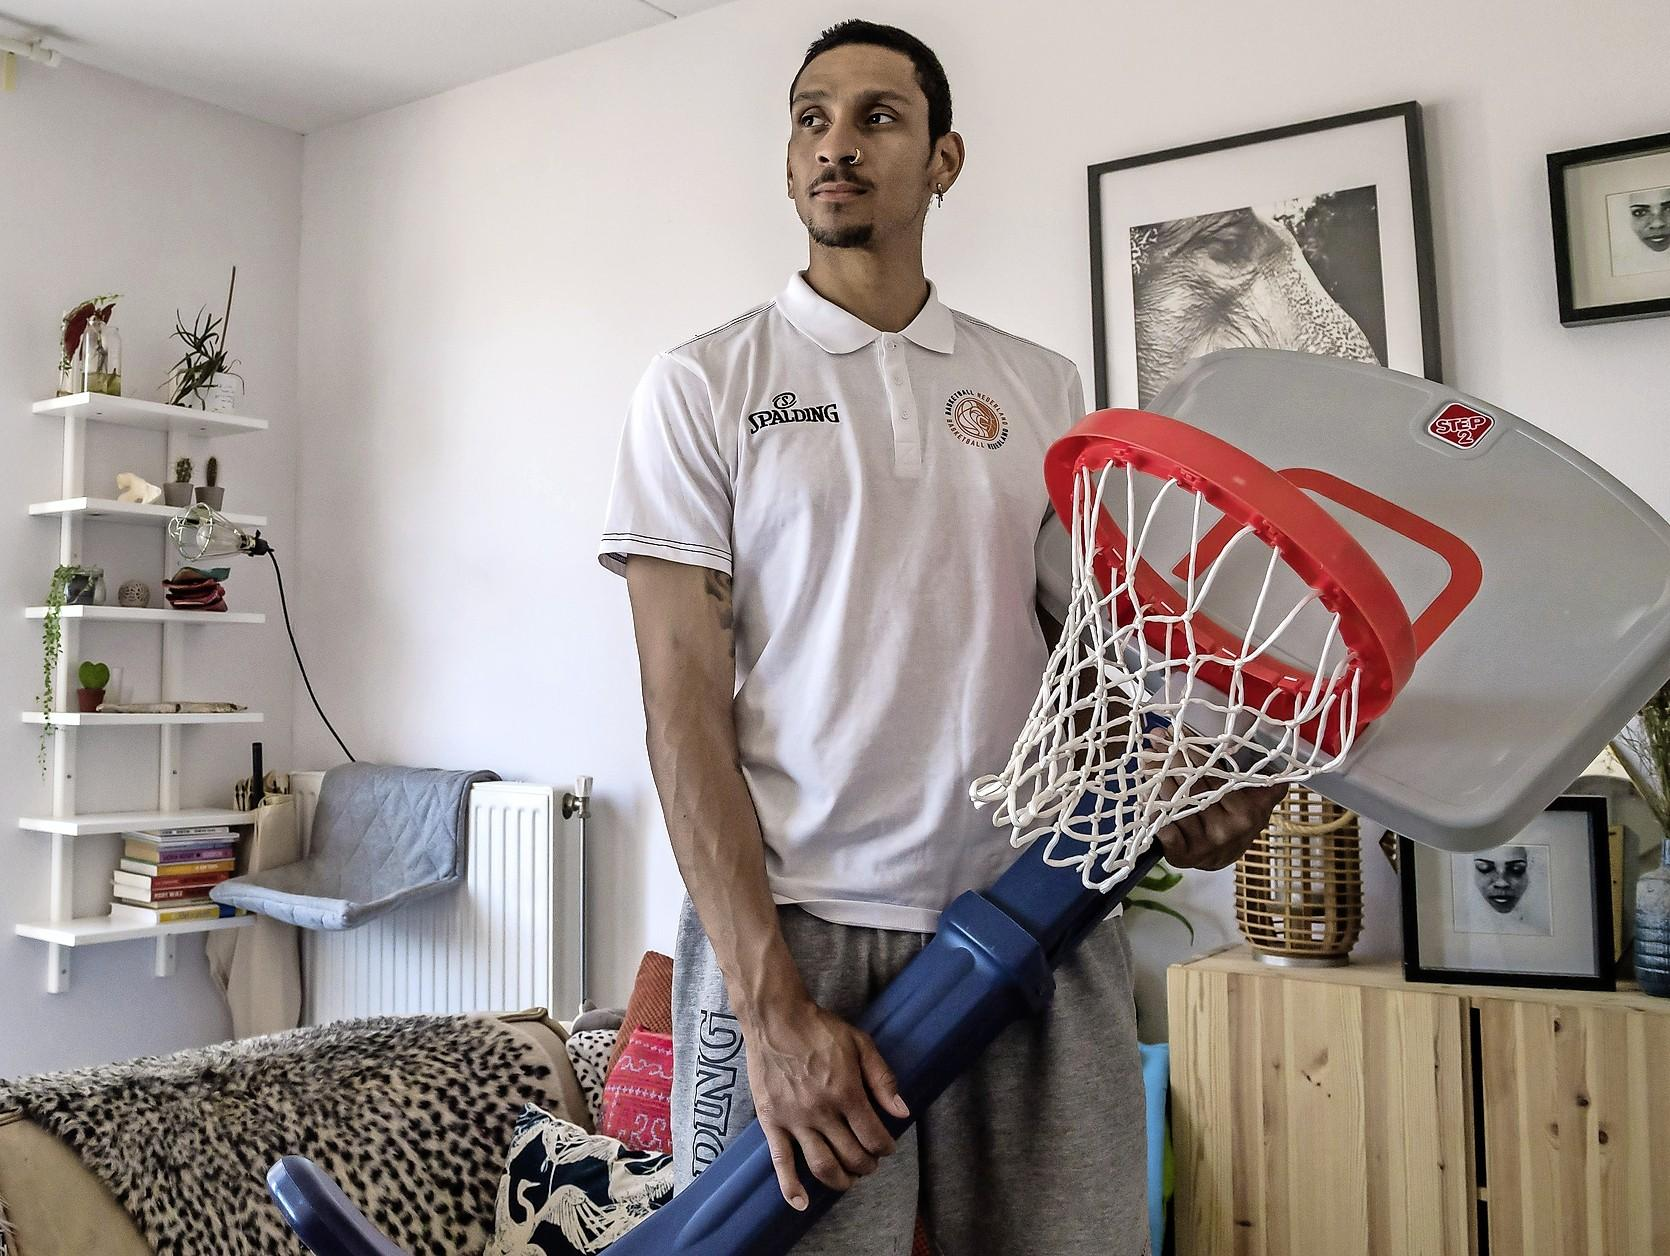 Sterspeler Worthy de Jong ergerde zich in Leiden, maar heeft na een korte pauze het plezier in basketbal hervonden: 'Ik ga door tot ik uit elkaar val' [video]